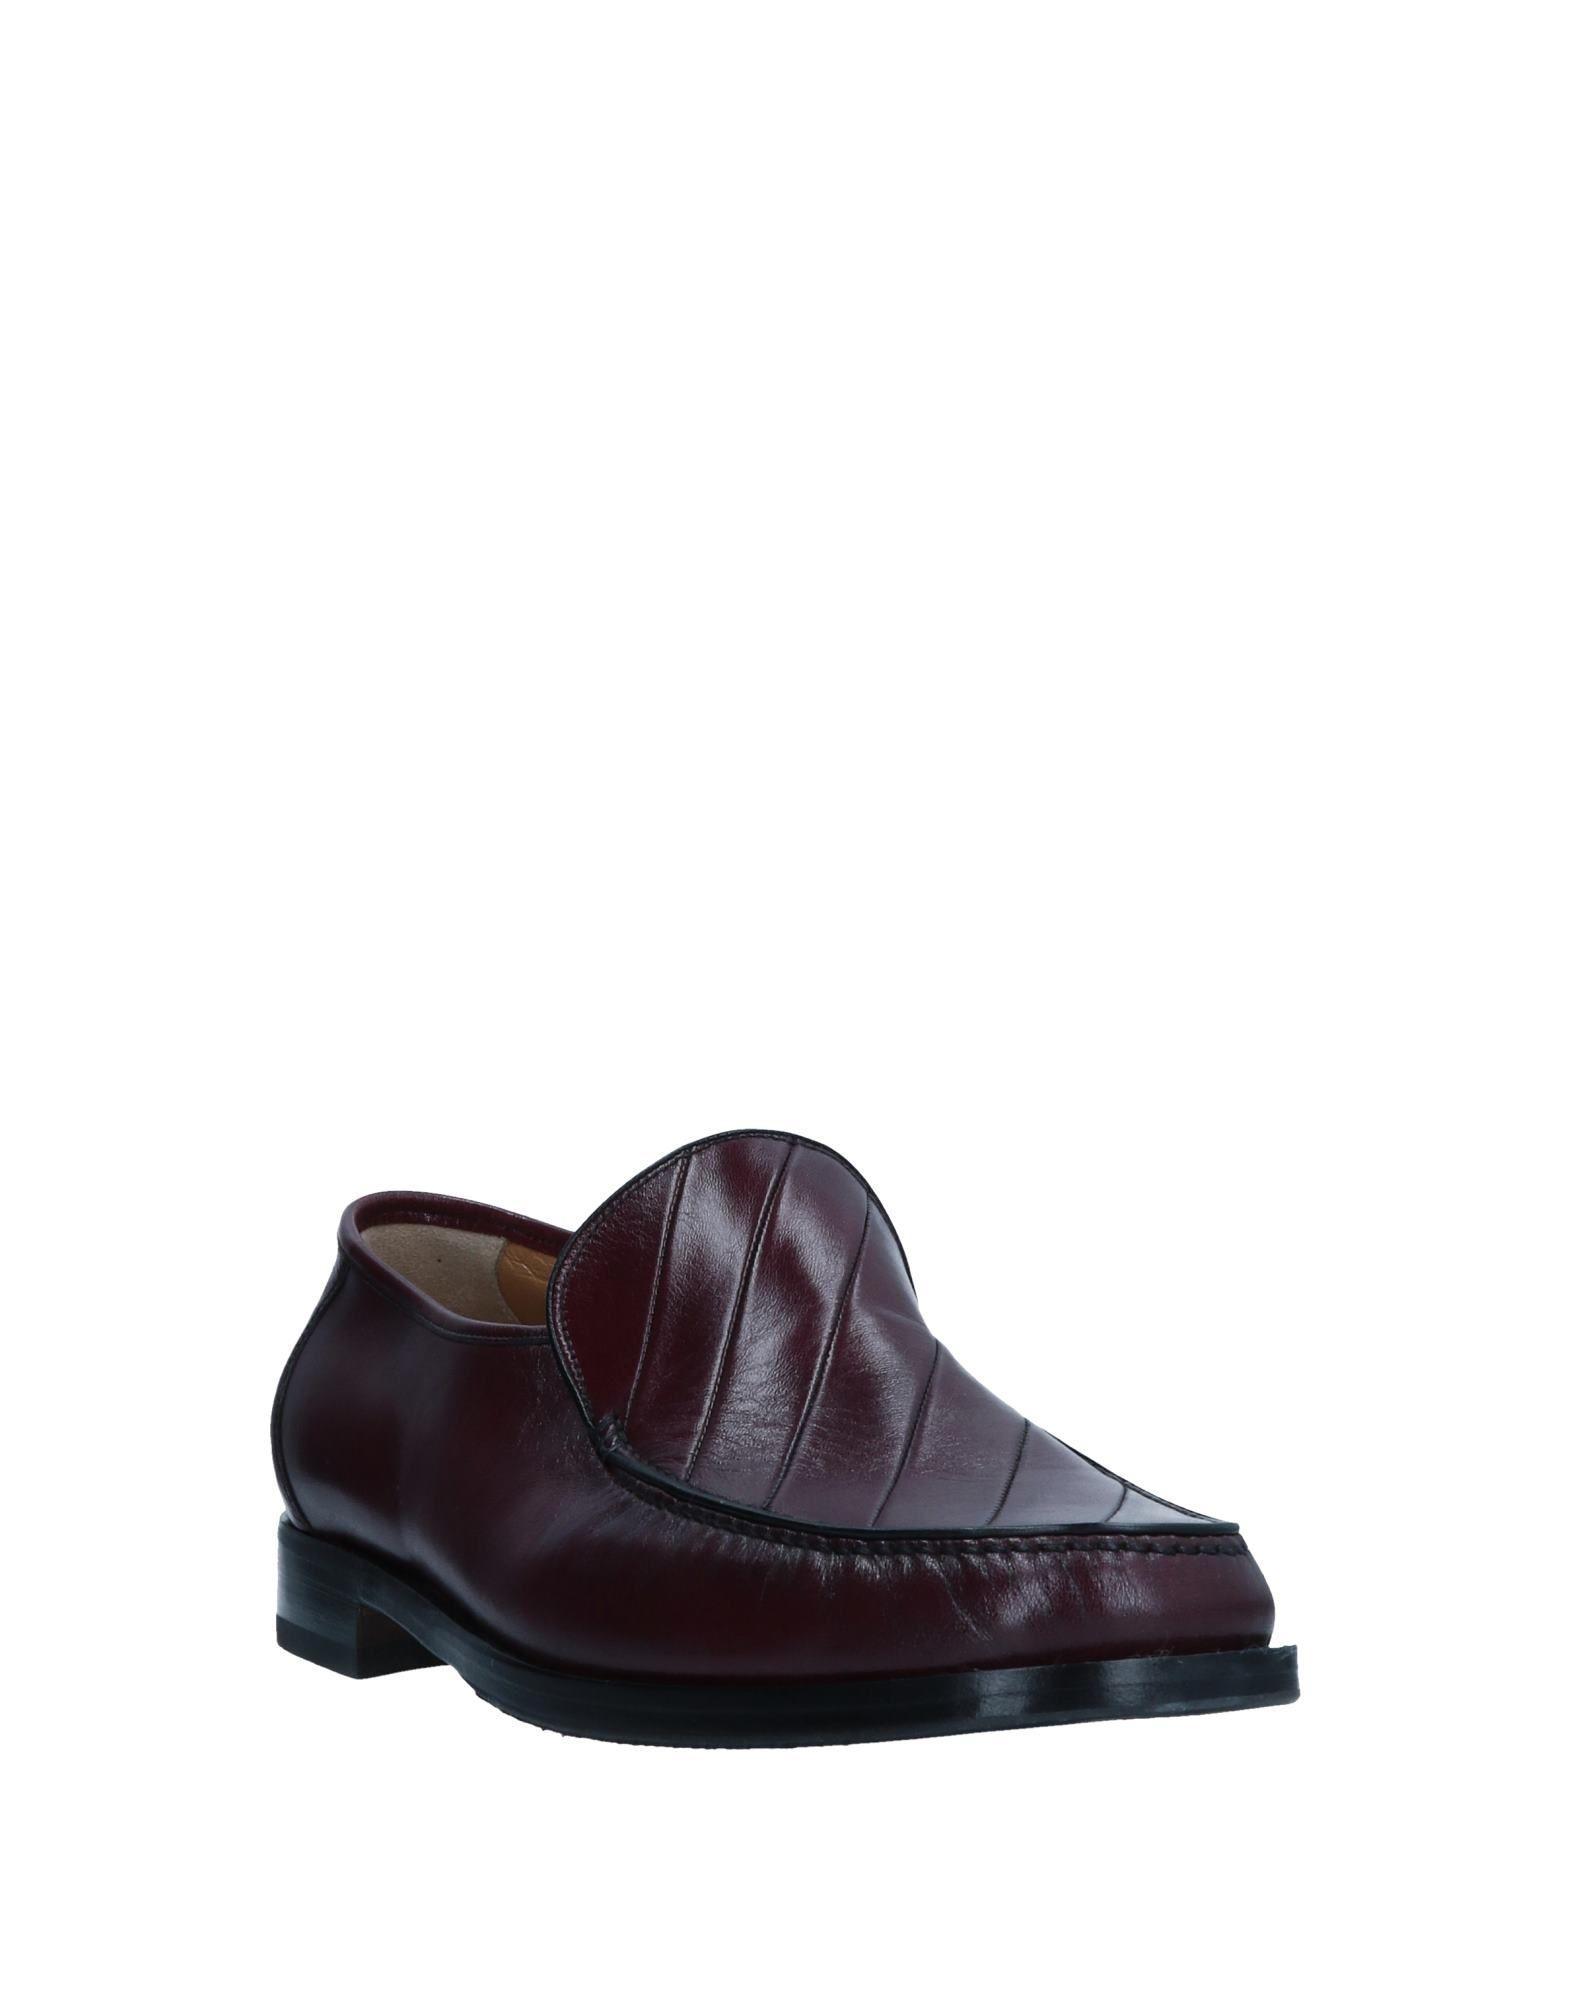 Rabatt echte Herren Schuhe Calzaturificio Olimpo's Mokassins Herren echte  11557795SU 91a0e3